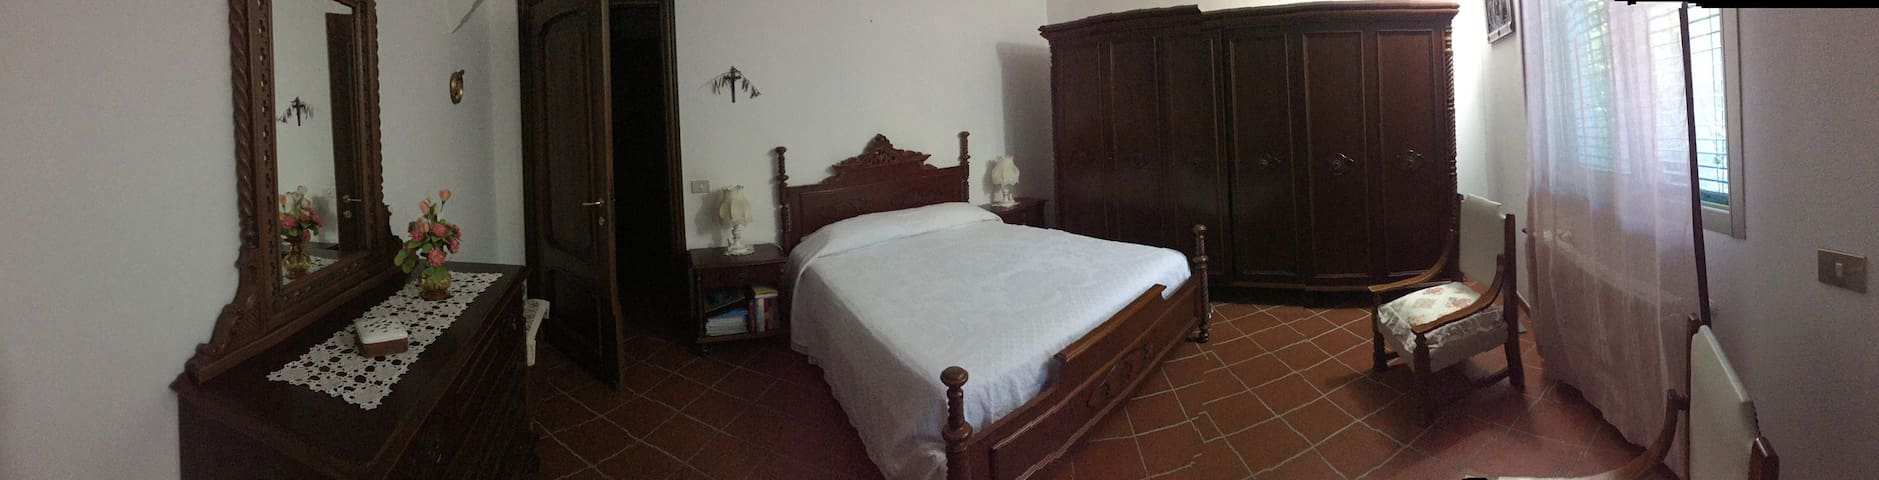 Camera matrimoniale d altri tempi in villa - Gazzelli